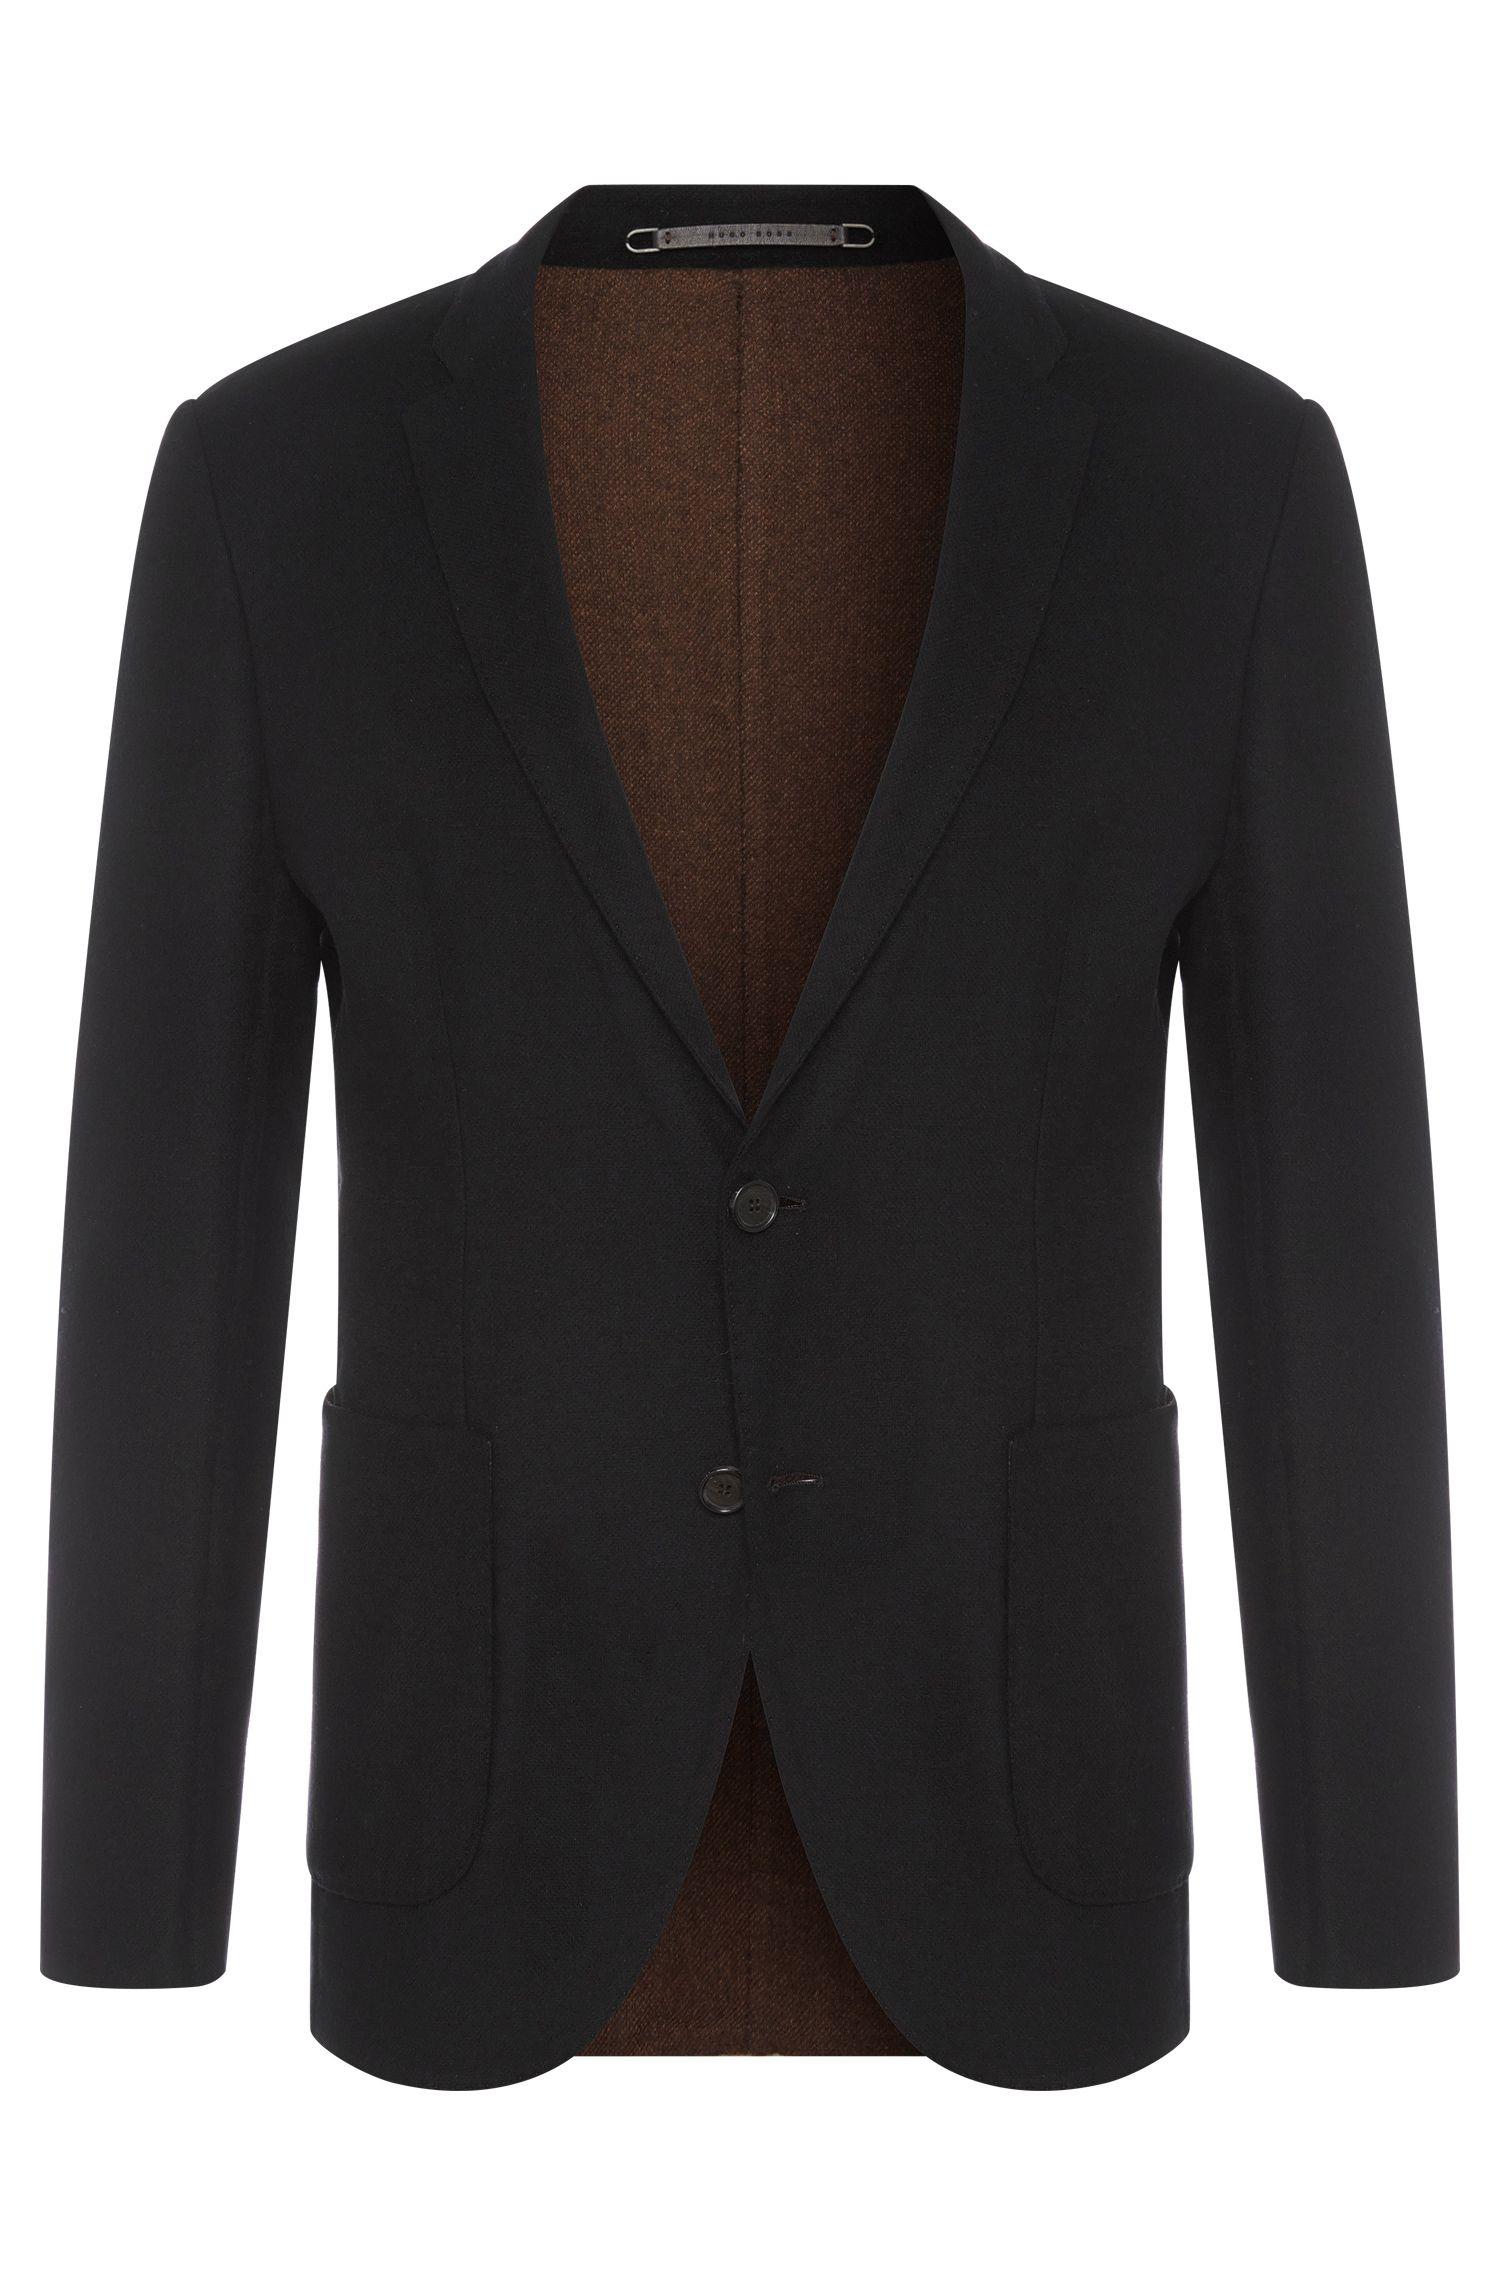 'T-Neavon' |  Slim Fit, Italian Wool Silk Cashmere Sport Coat